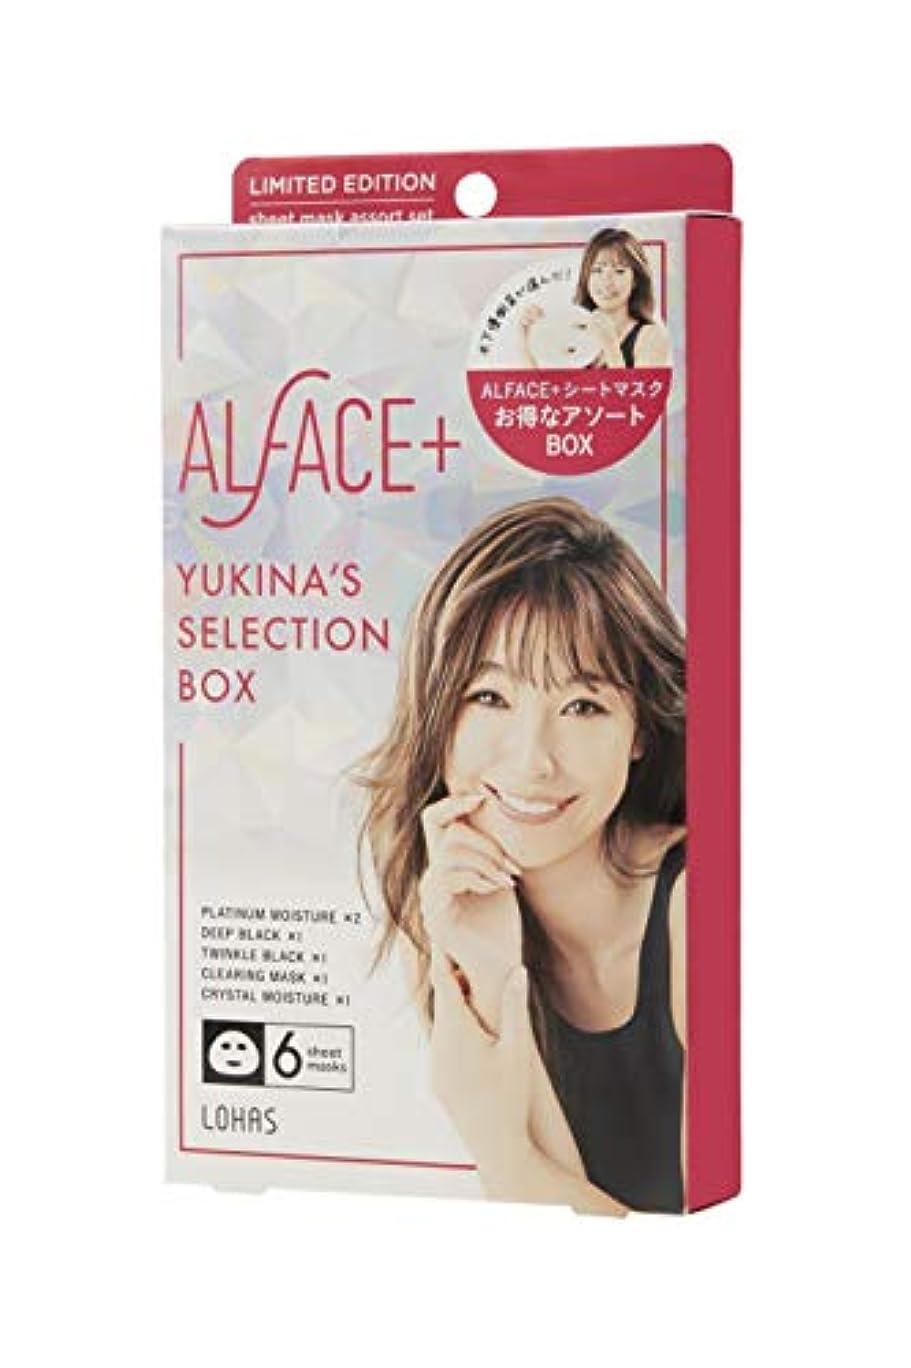 宴会連帯不安ALFACE(オルフェス) オルフェス 木下優樹菜 セレクションボックス フェイスマスク 22-27ml